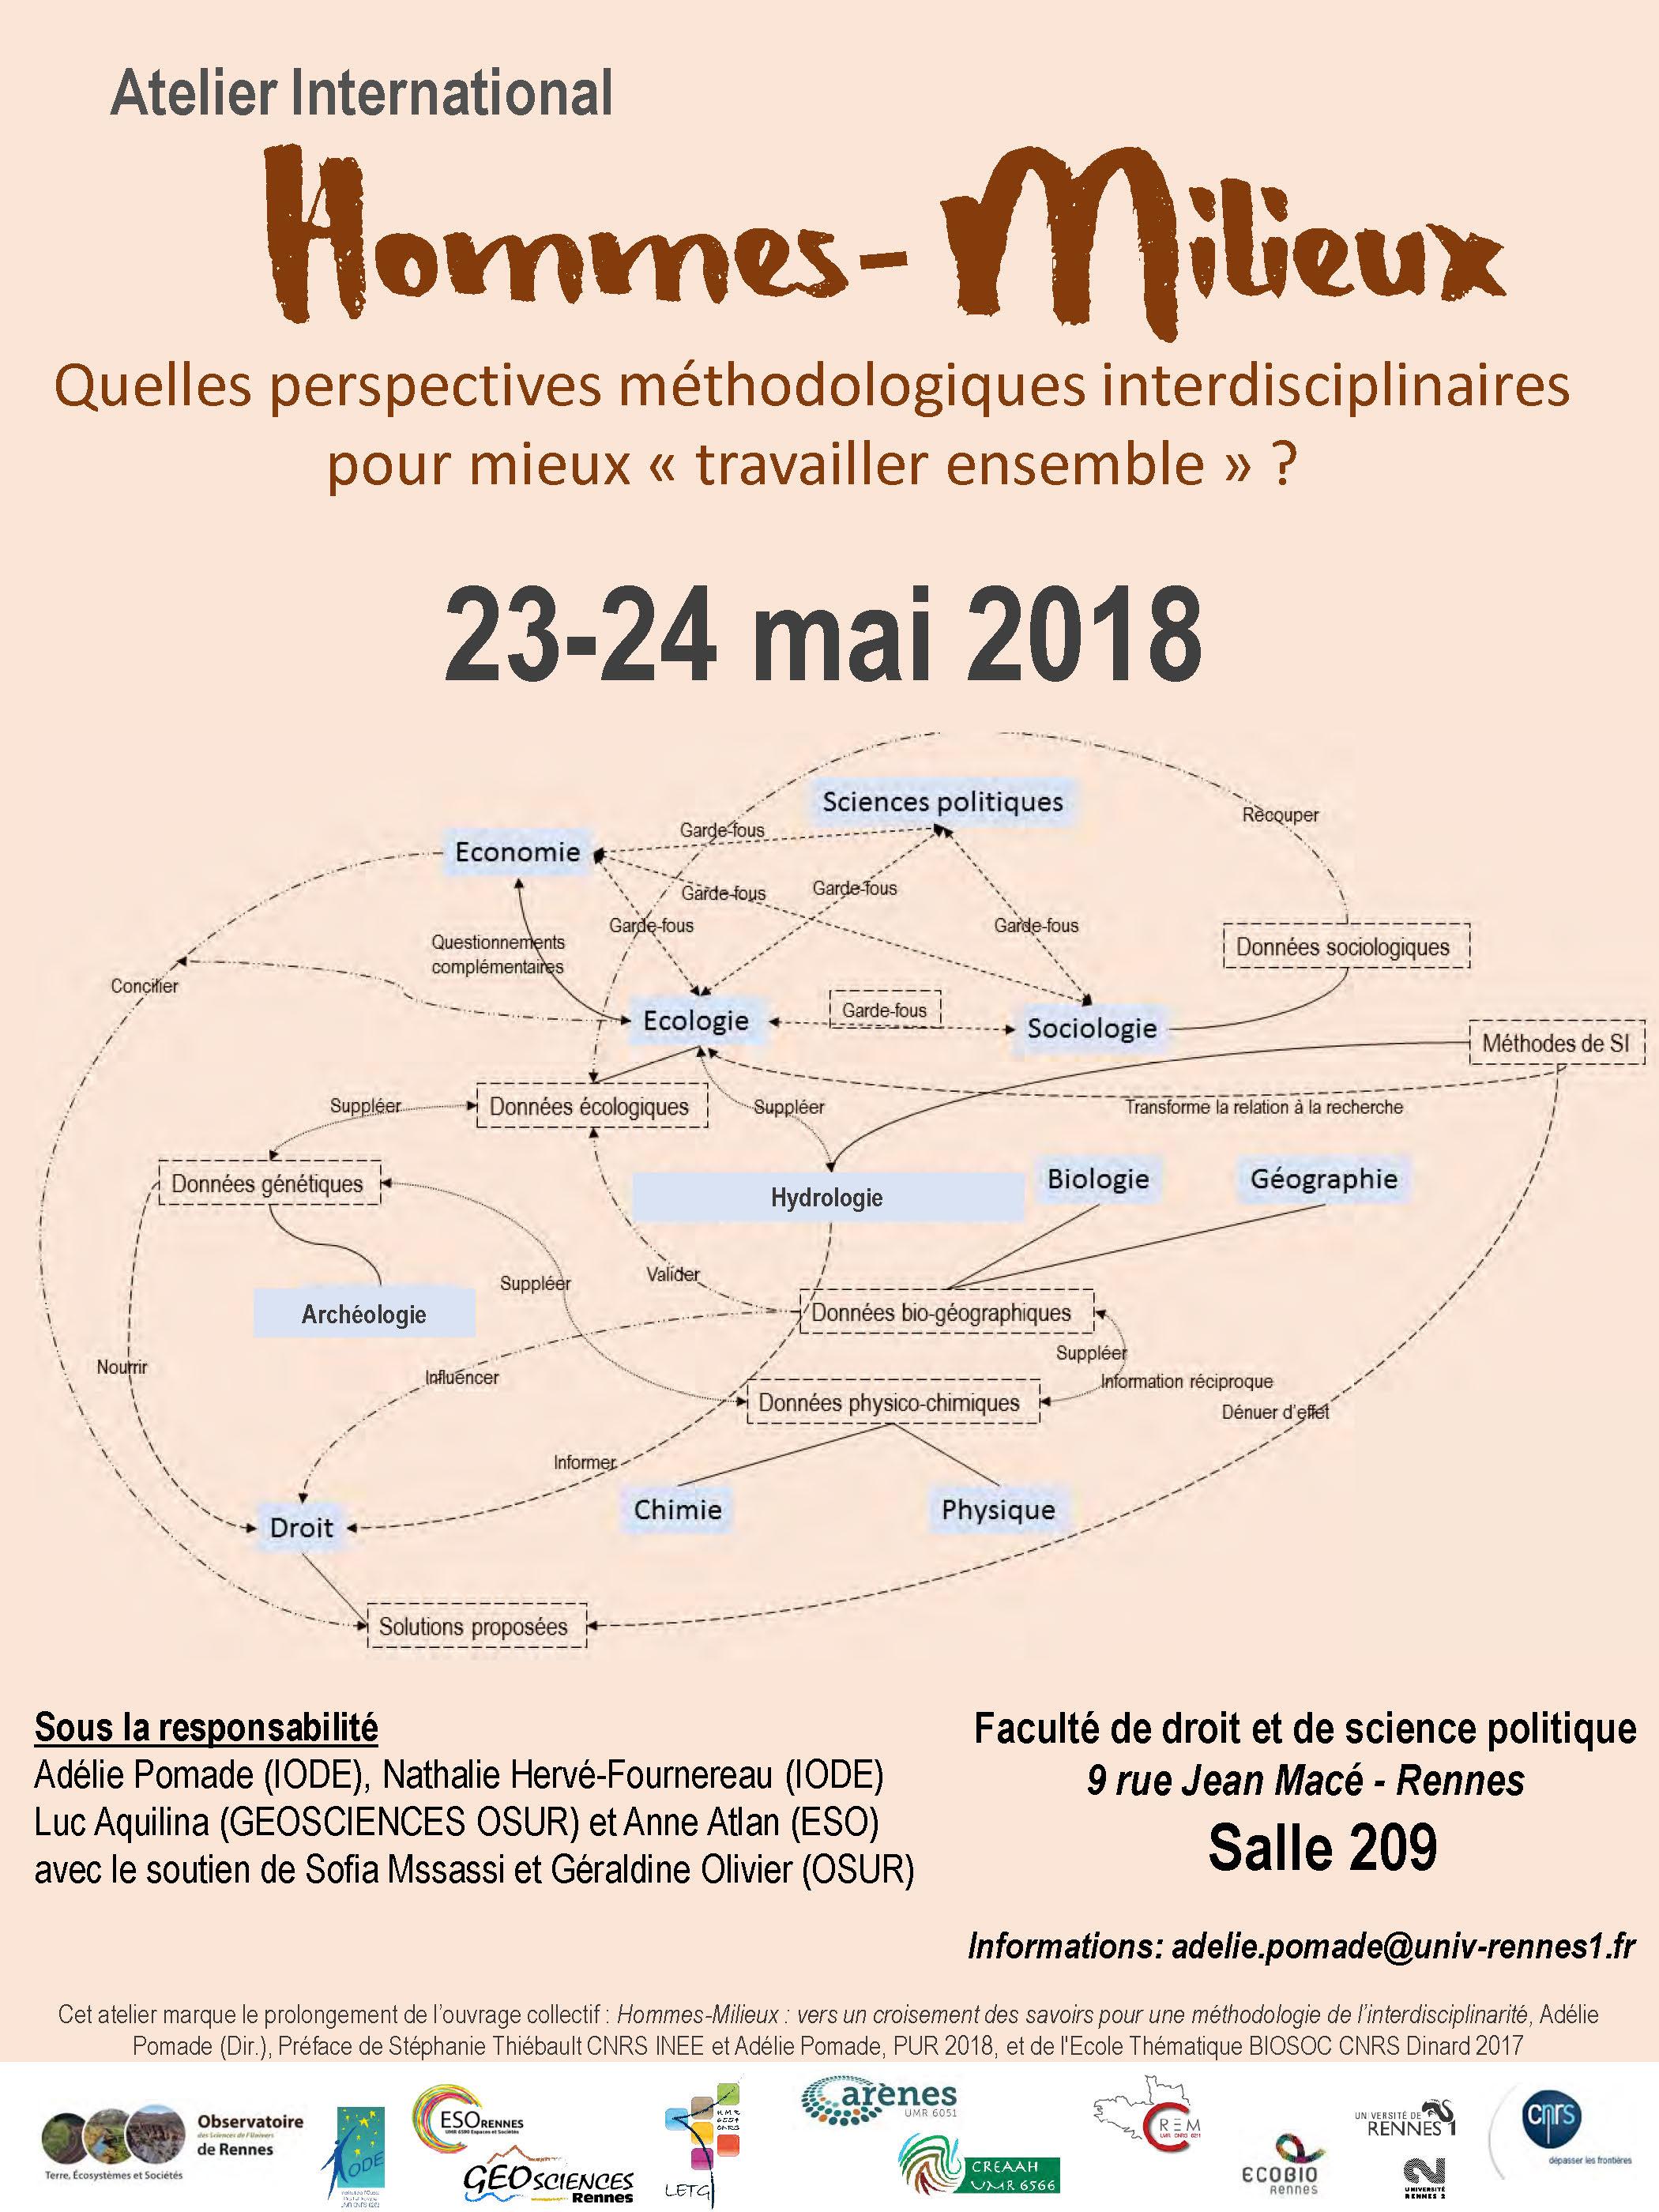 Affiche atelier Interdisciplinarités ENVI HM 23 24 mai 2018 RENNES